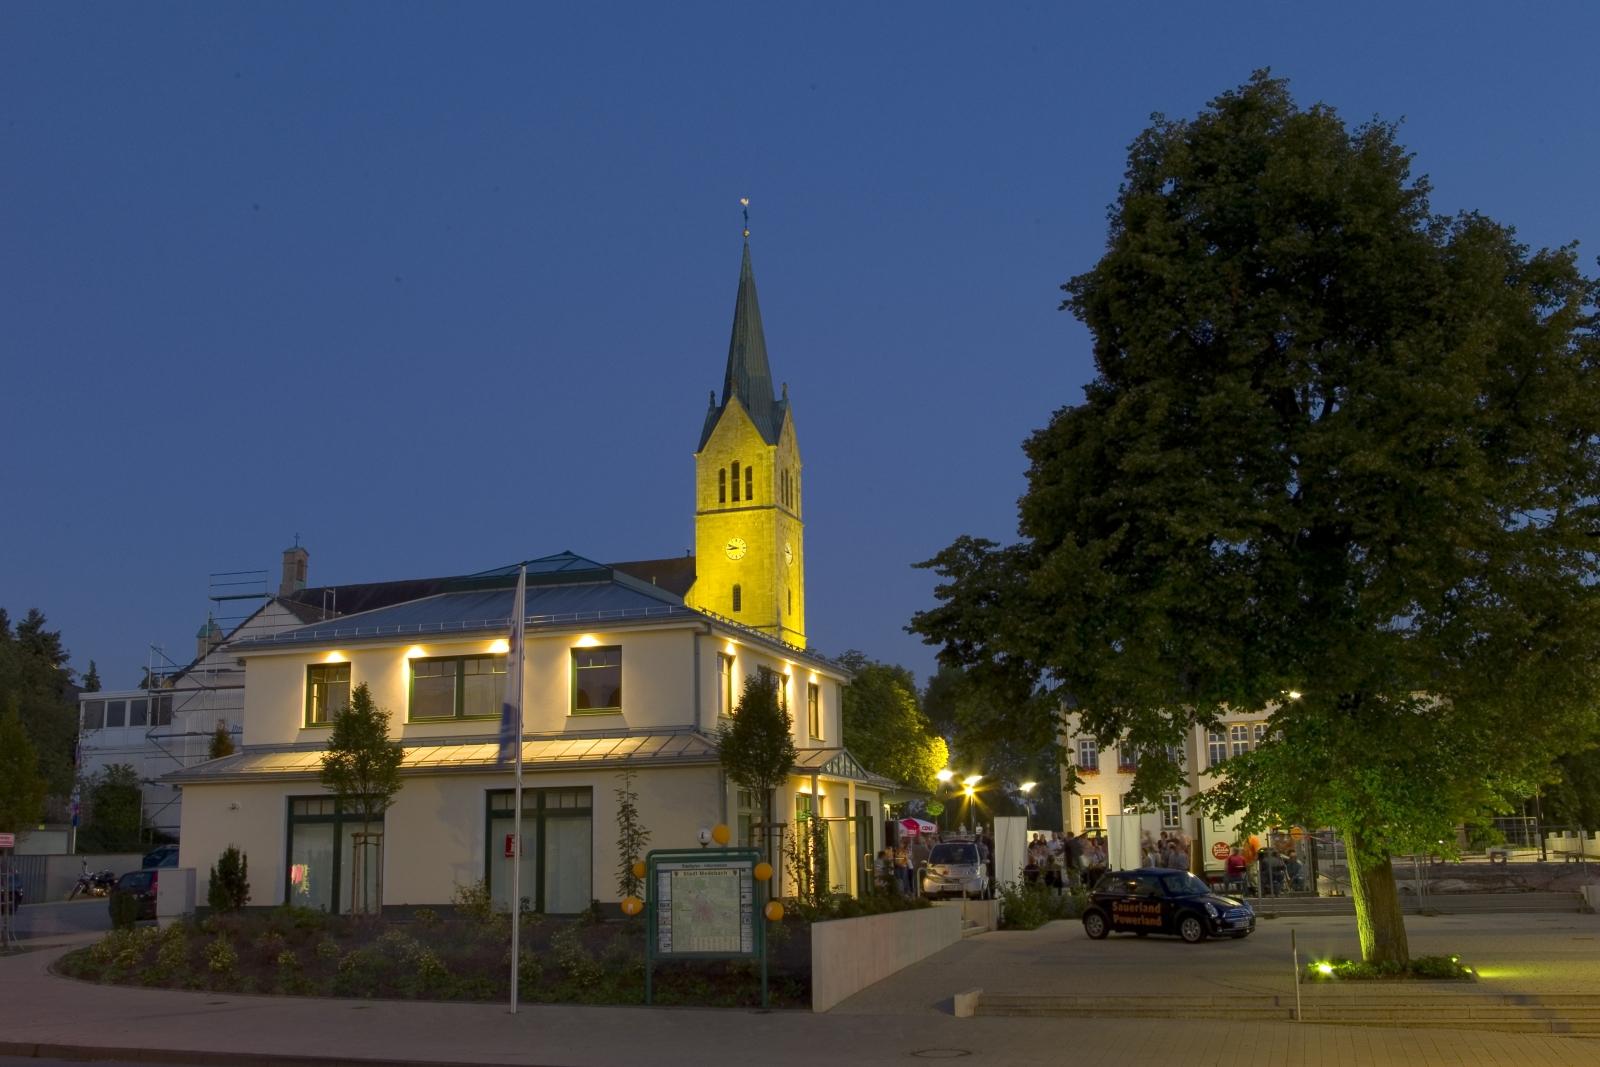 Der Marktplatz in Medebach